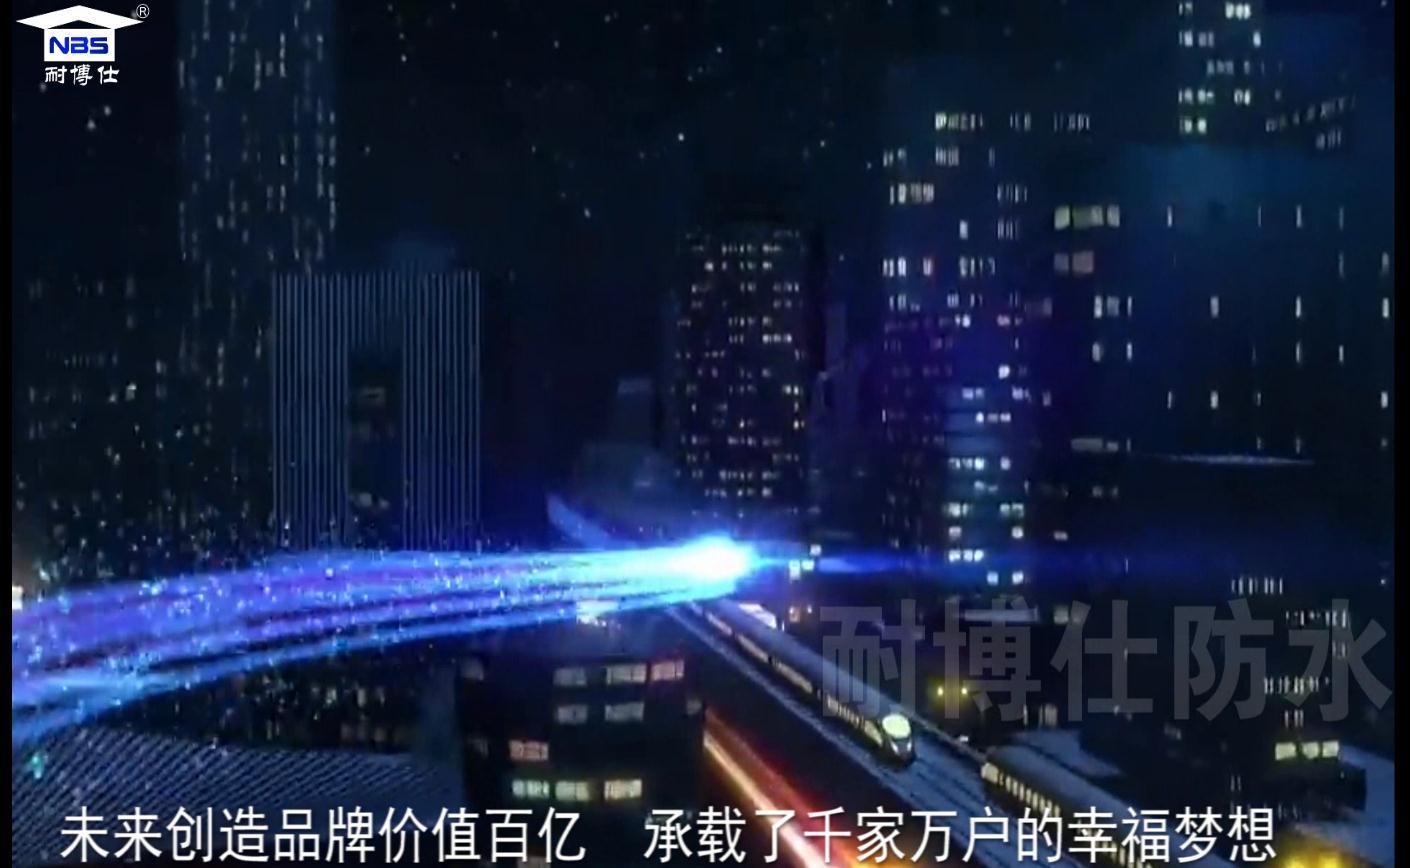 耐博仕防水精品广告宣传片